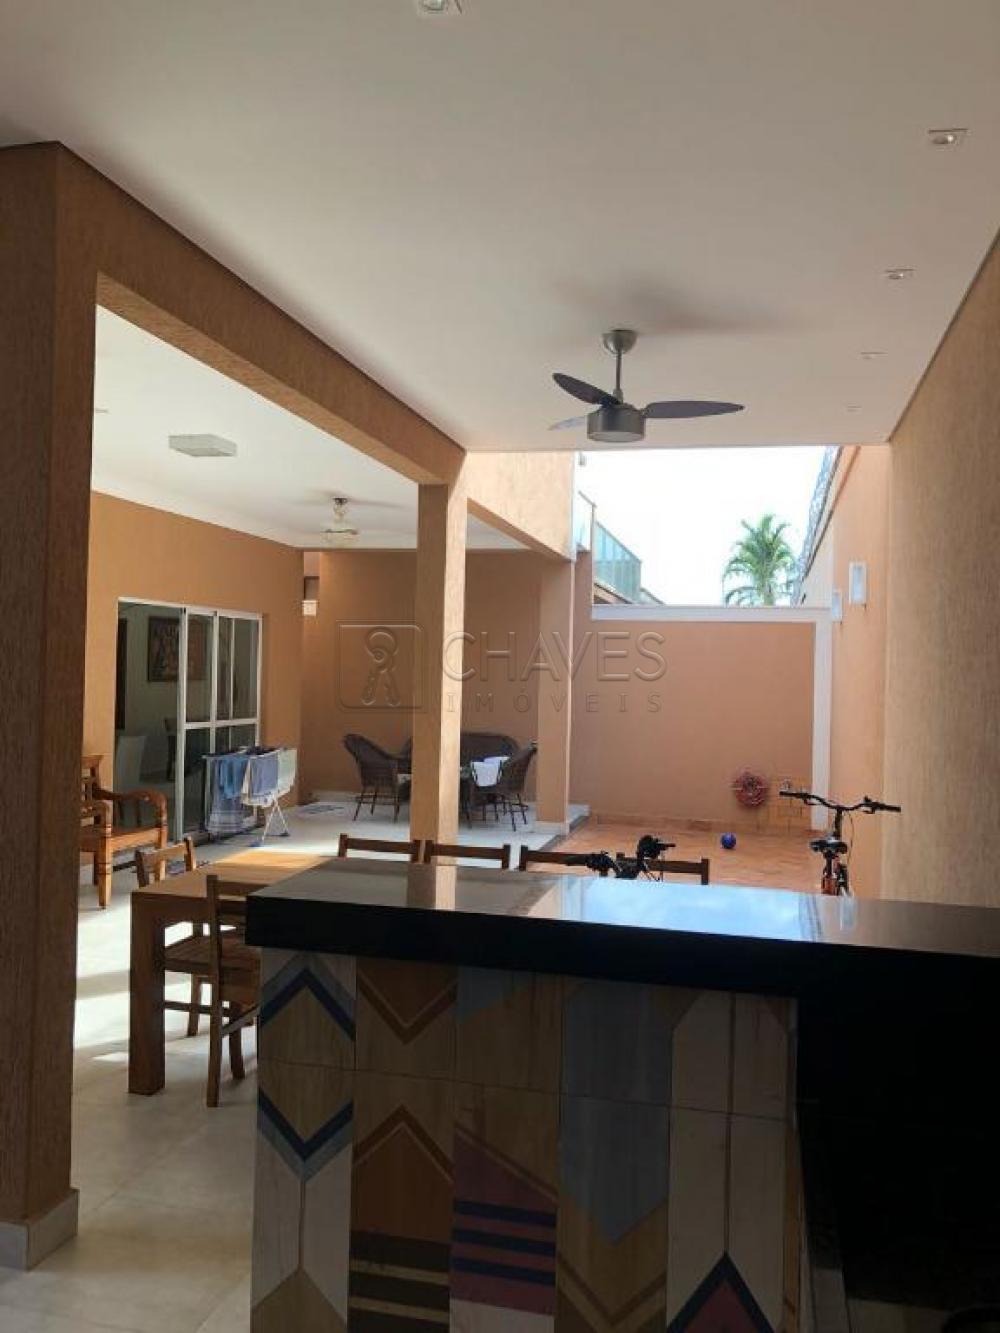 Comprar Casa / Condomínio em Ribeirão Preto apenas R$ 1.280.000,00 - Foto 23